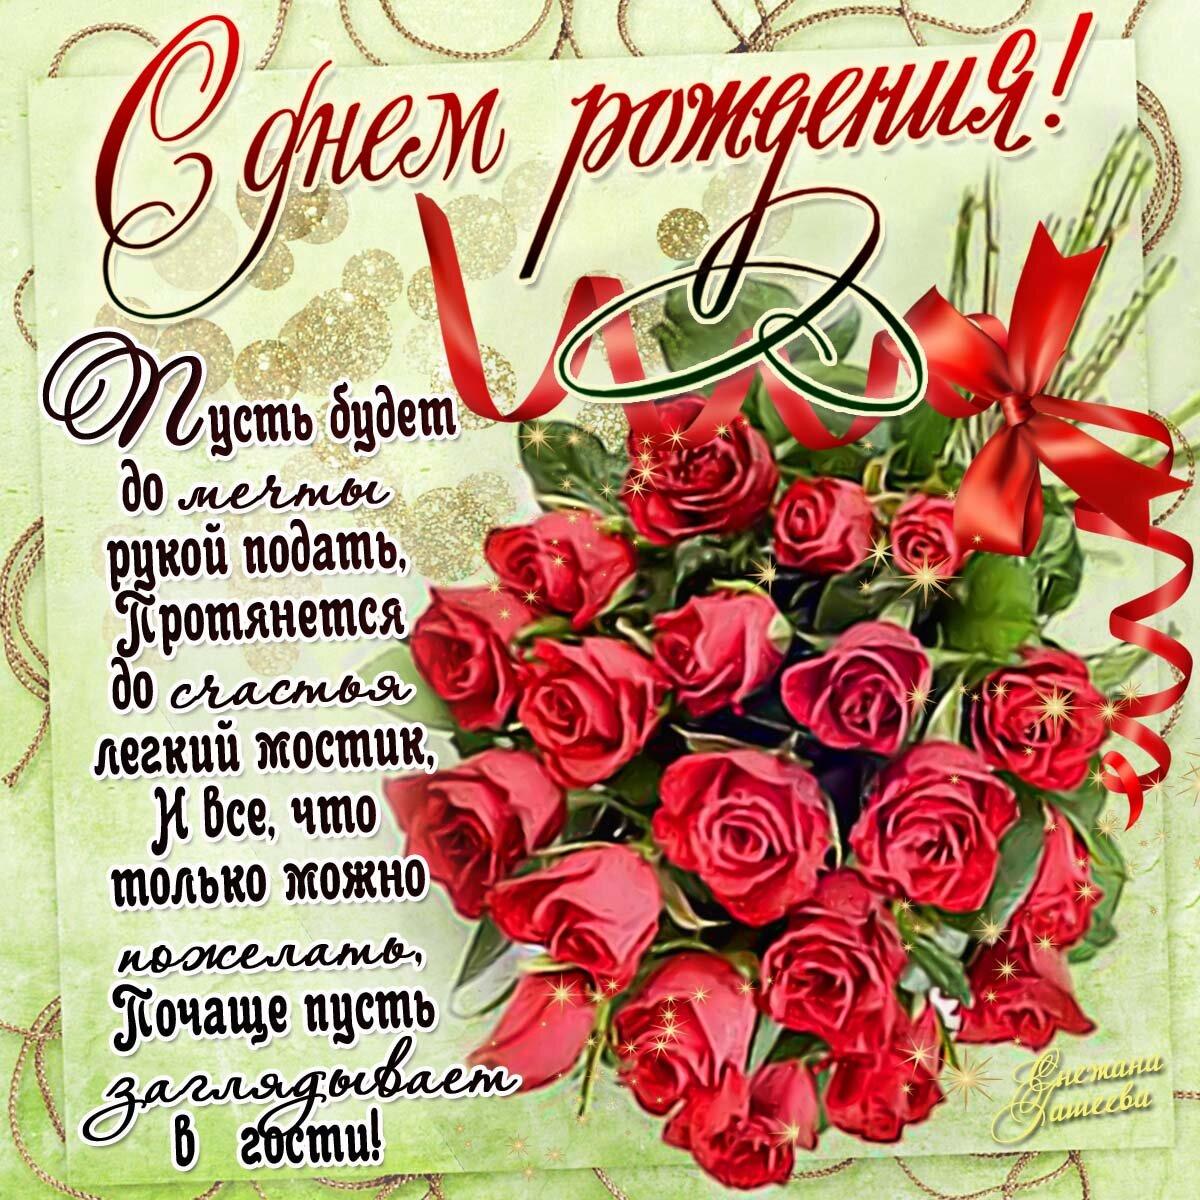 Поздравительные открытки с поздравлениями день рождение, ручной